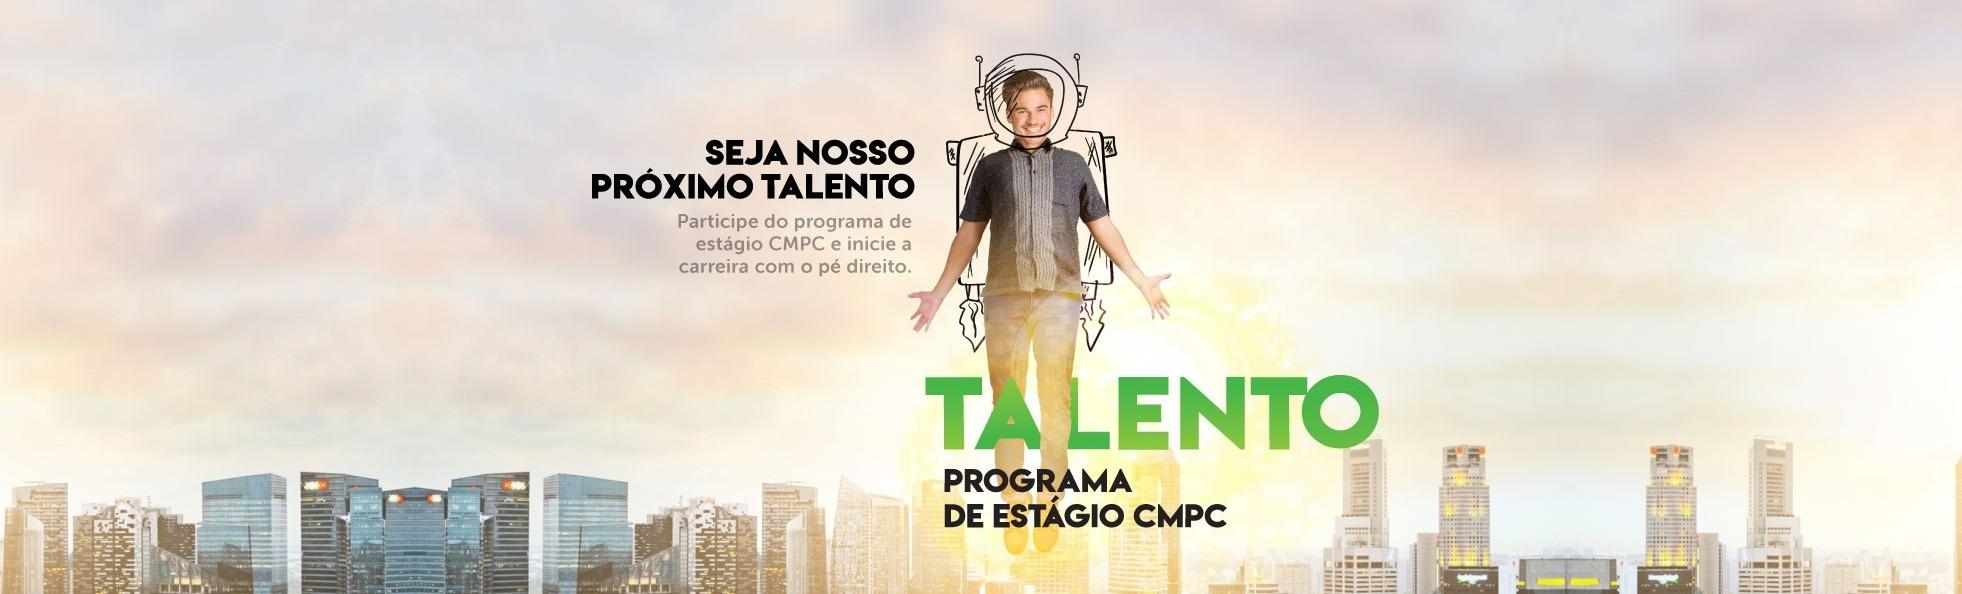 Talento - Programa de Estágio CMPC